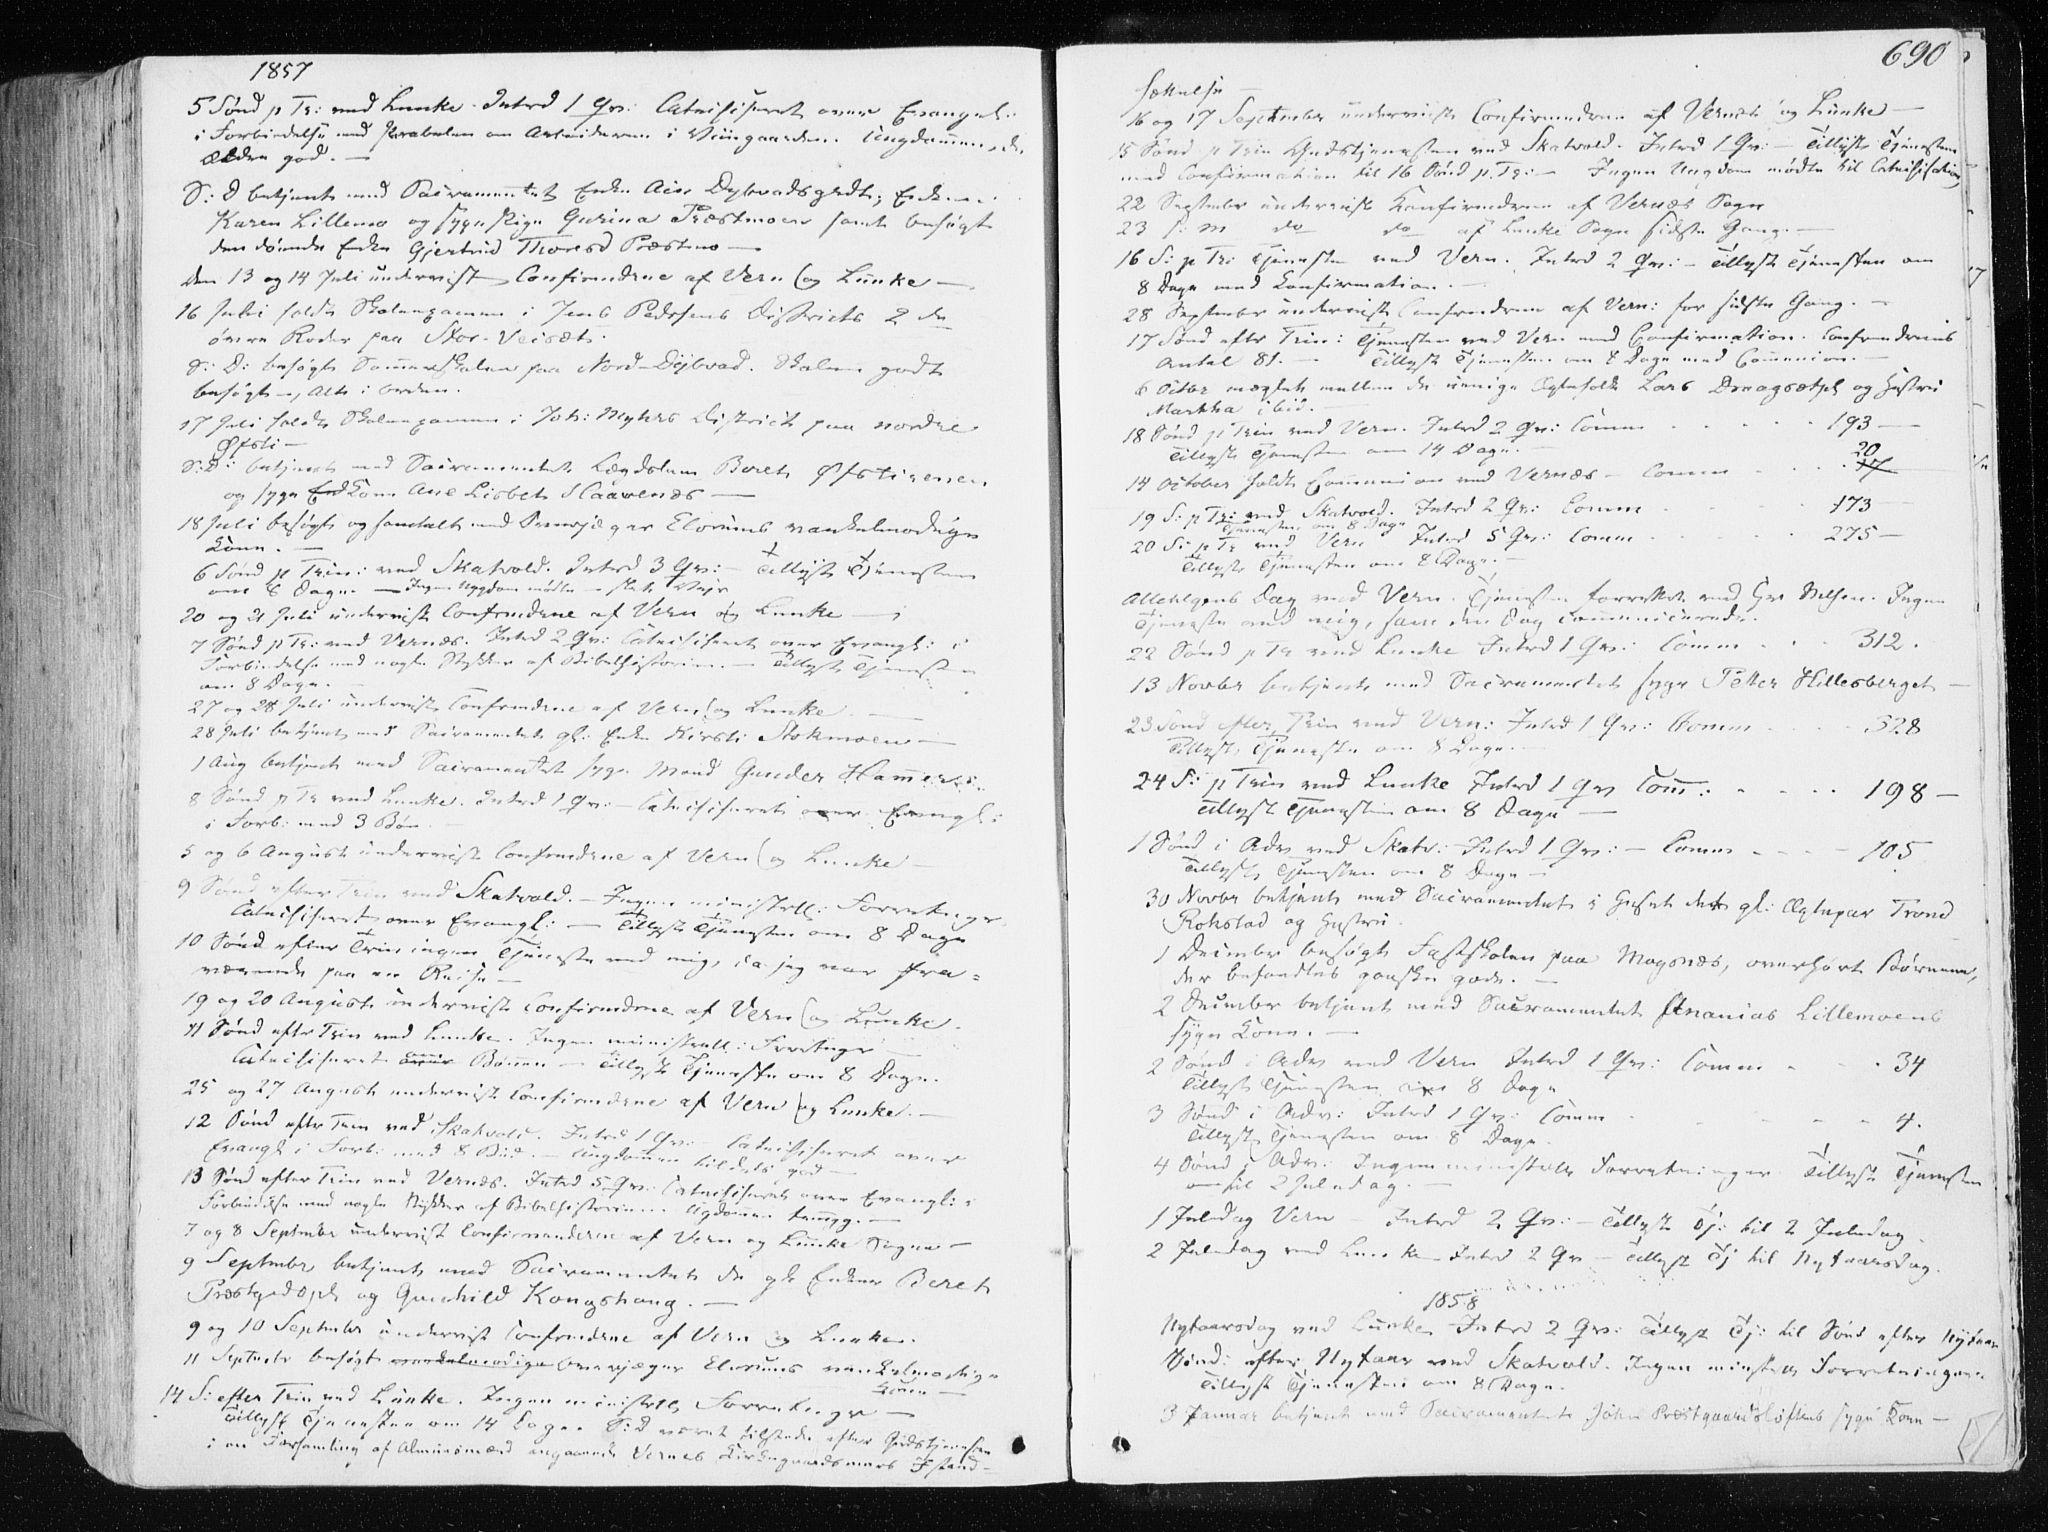 SAT, Ministerialprotokoller, klokkerbøker og fødselsregistre - Nord-Trøndelag, 709/L0074: Ministerialbok nr. 709A14, 1845-1858, s. 690